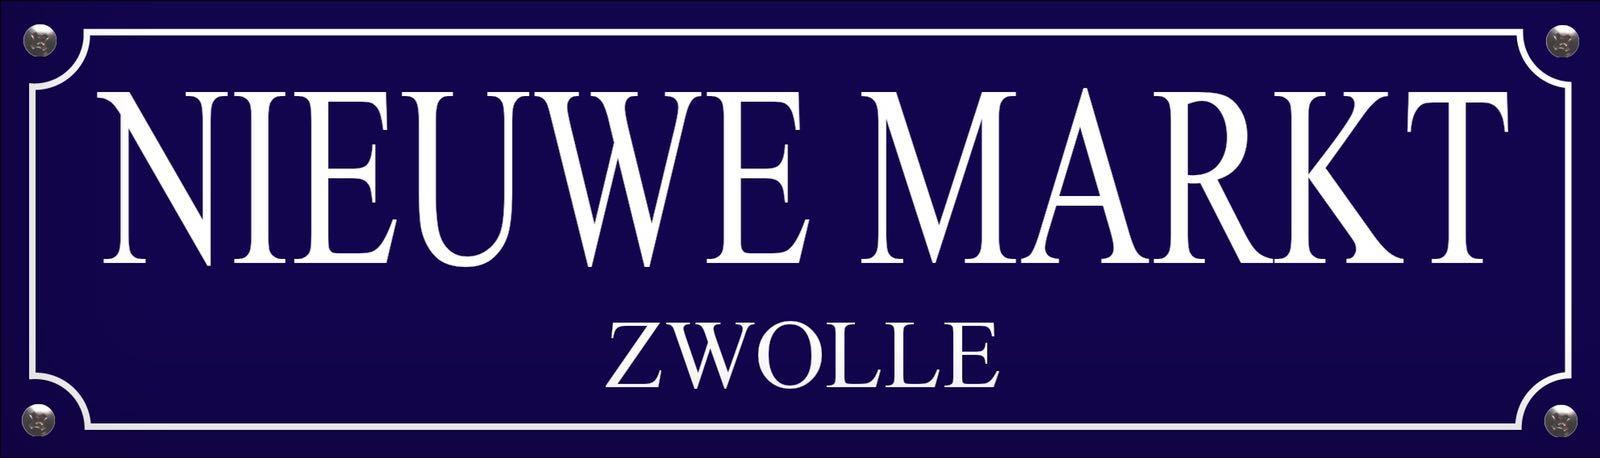 Nieuwe Markt Zwolle